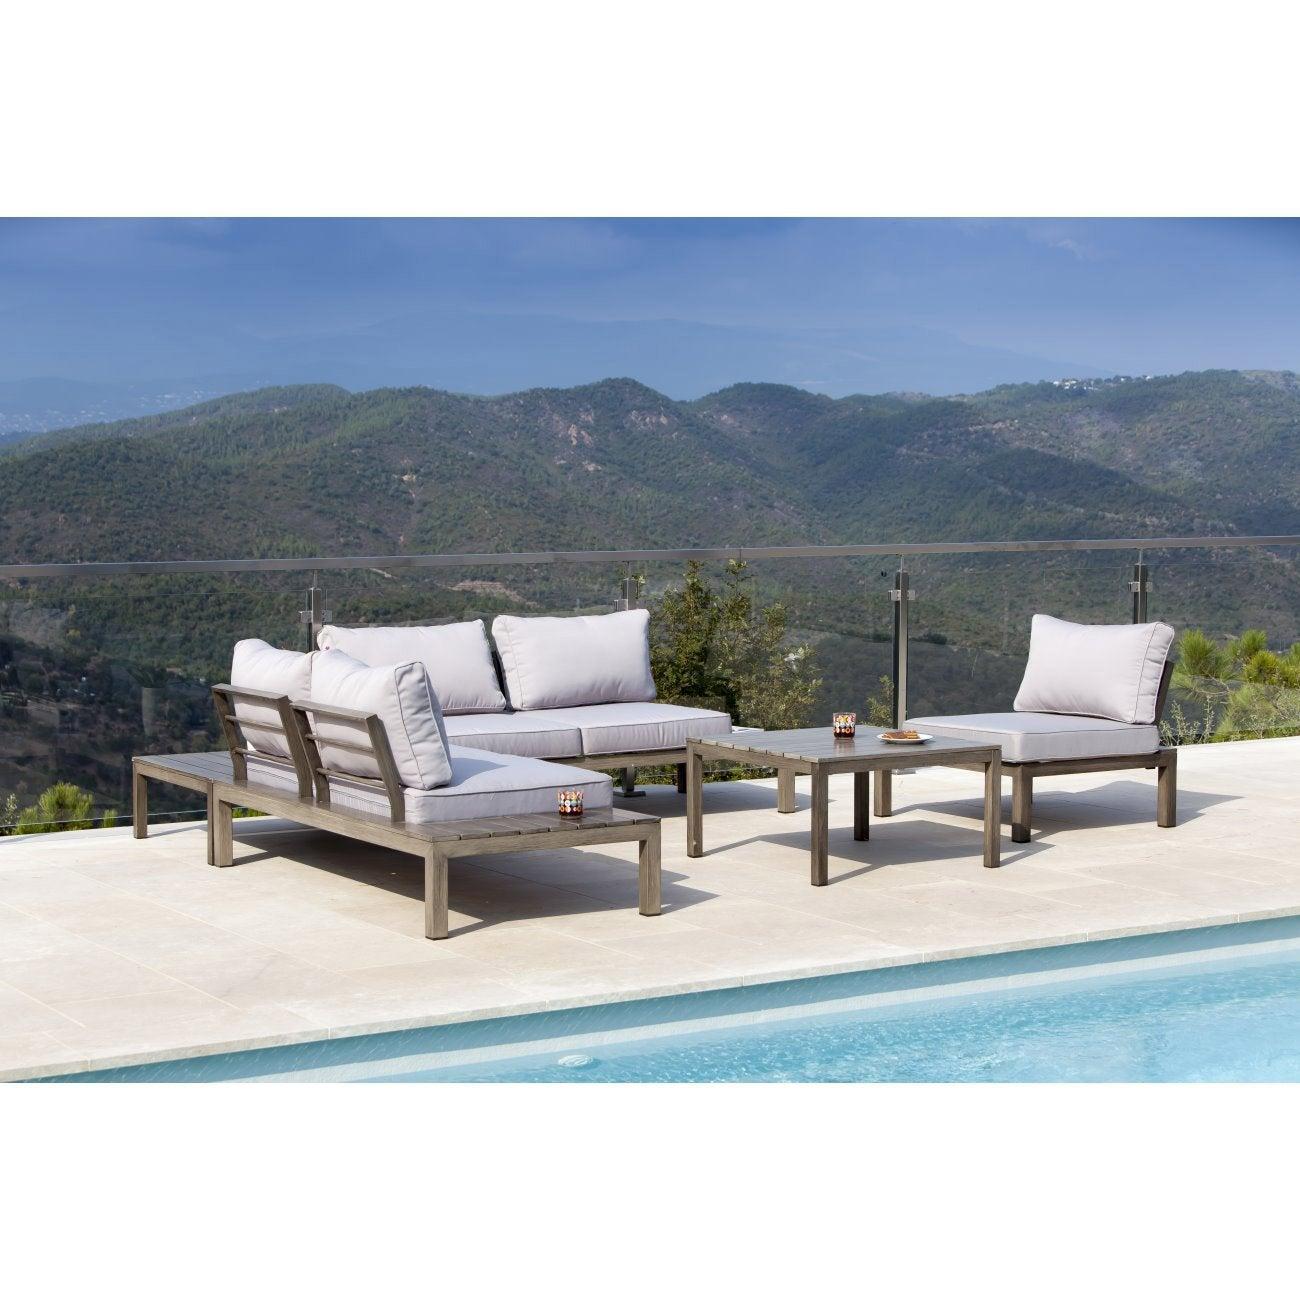 salon de jardin tabac aluminium gris brun 5 personnes leroy merlin. Black Bedroom Furniture Sets. Home Design Ideas